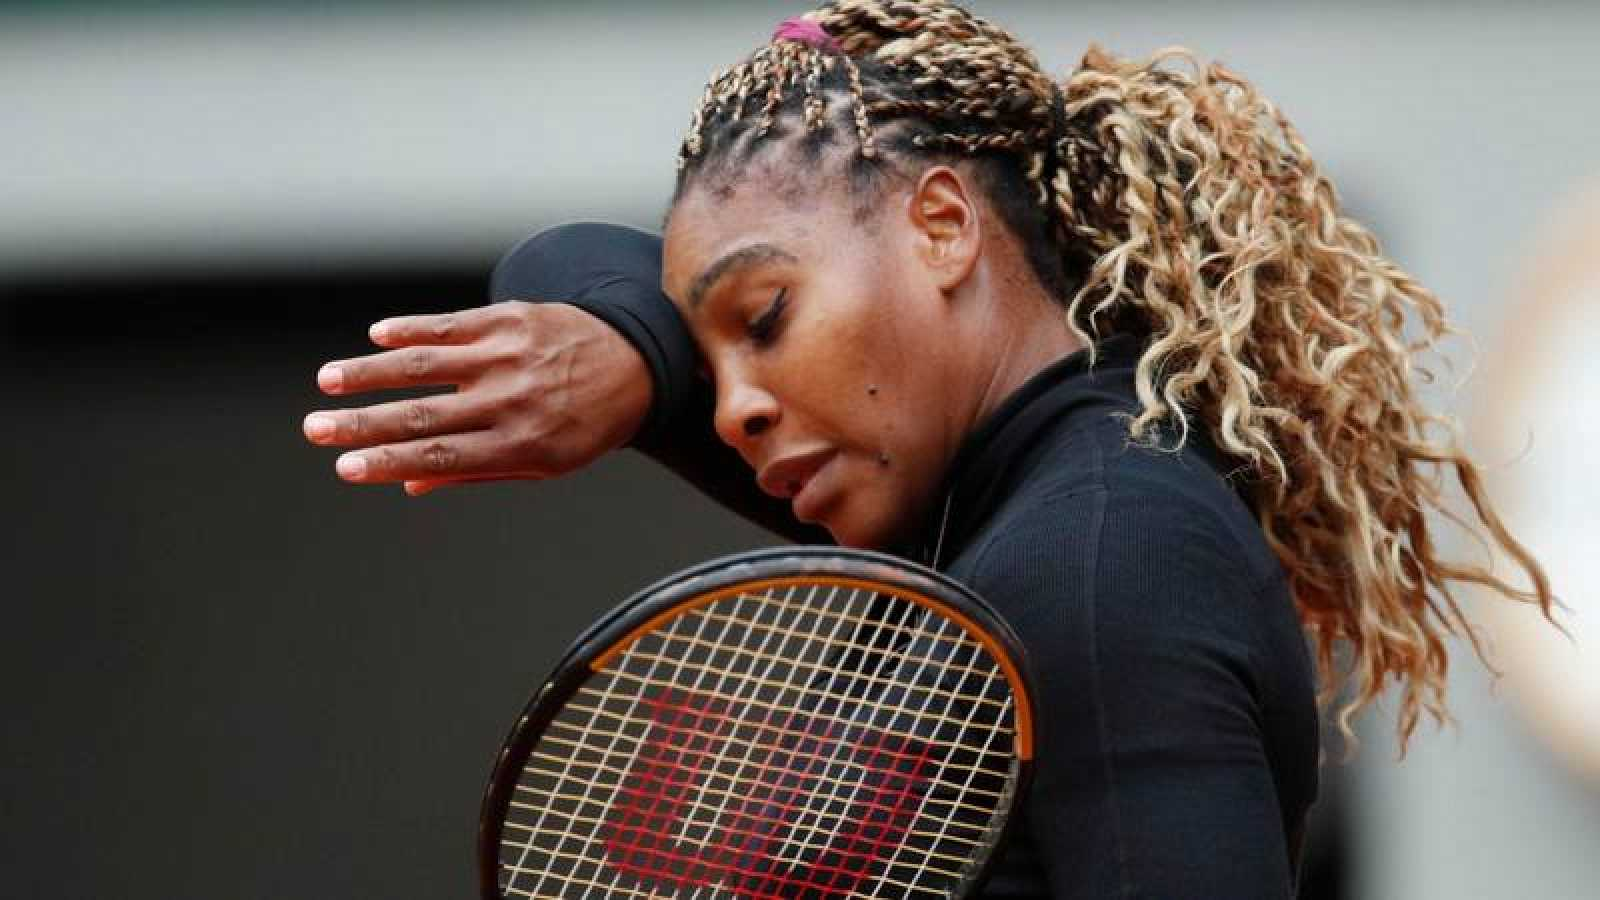 La tenista estadounidense Serena Williams durante su partido ante su compatriota Kristie Ahn en Roland Garros 2020.